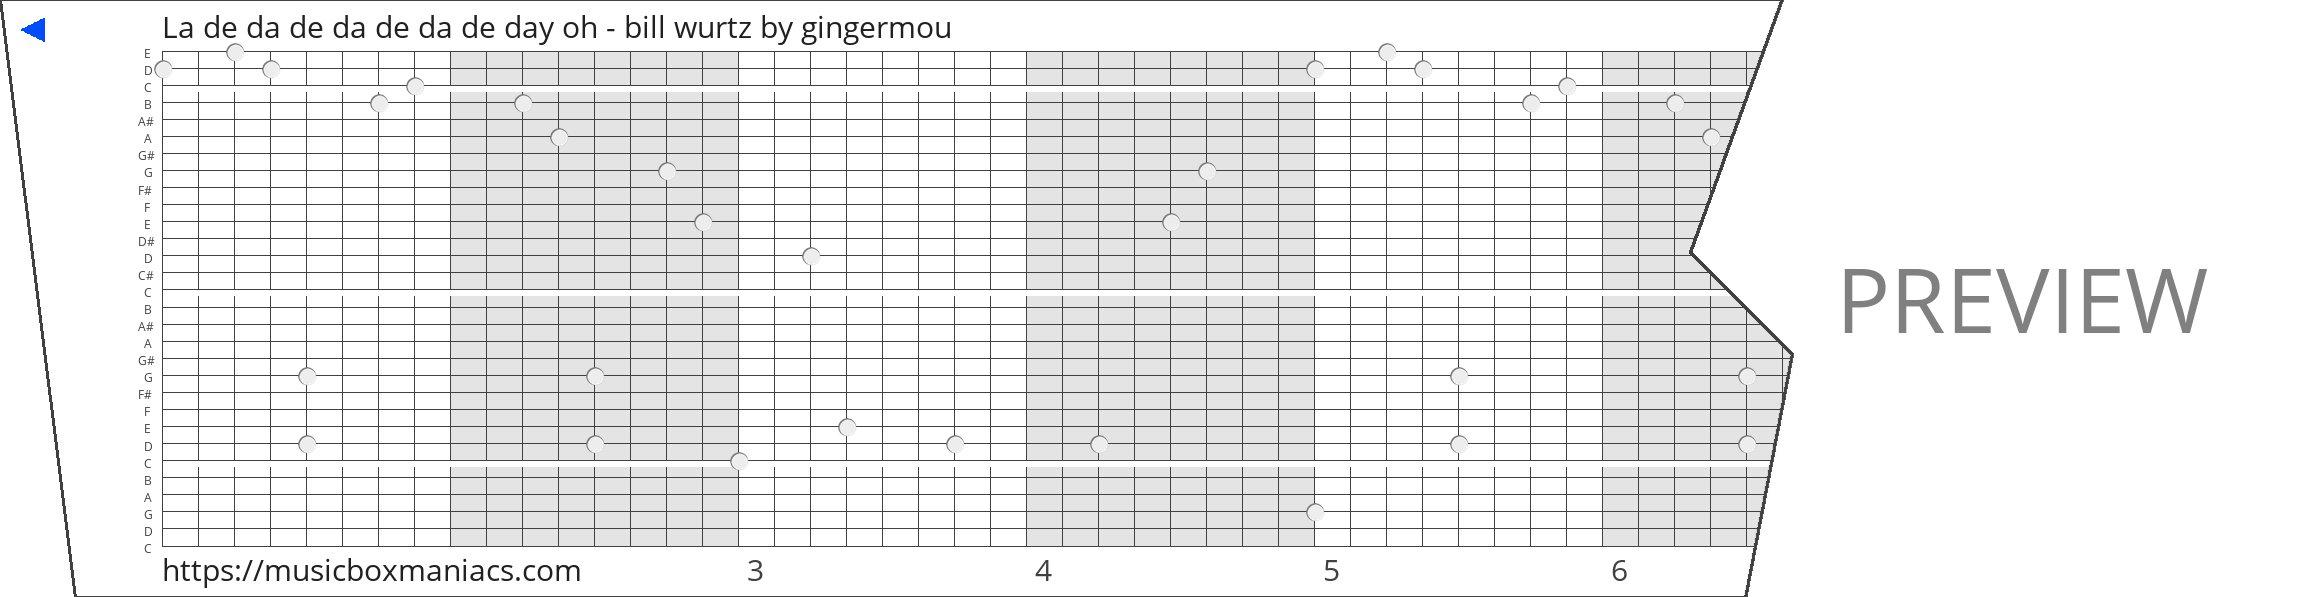 La de da de da de da de day oh - bill wurtz 30 note music box paper strip